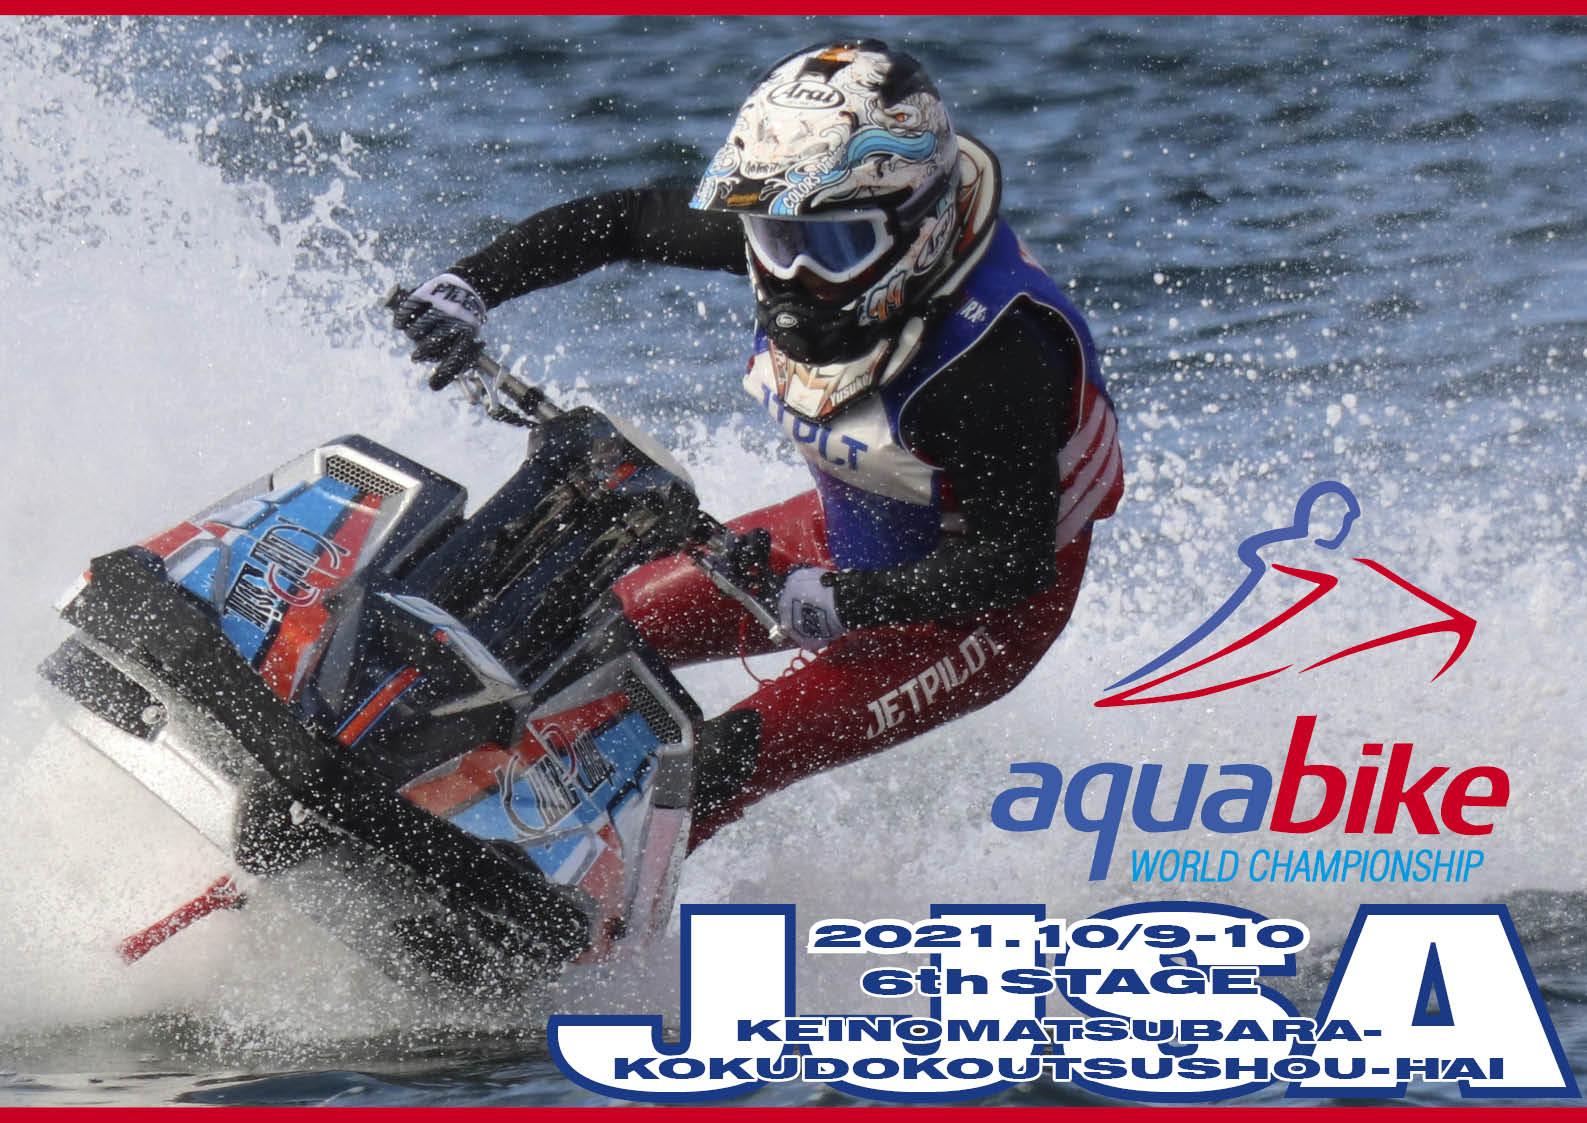 「日本のレース 」 aquabike 2021「SKI DIVISION GP1」「淡路・慶野松原大会」 ジェットスキー(水上バイク)